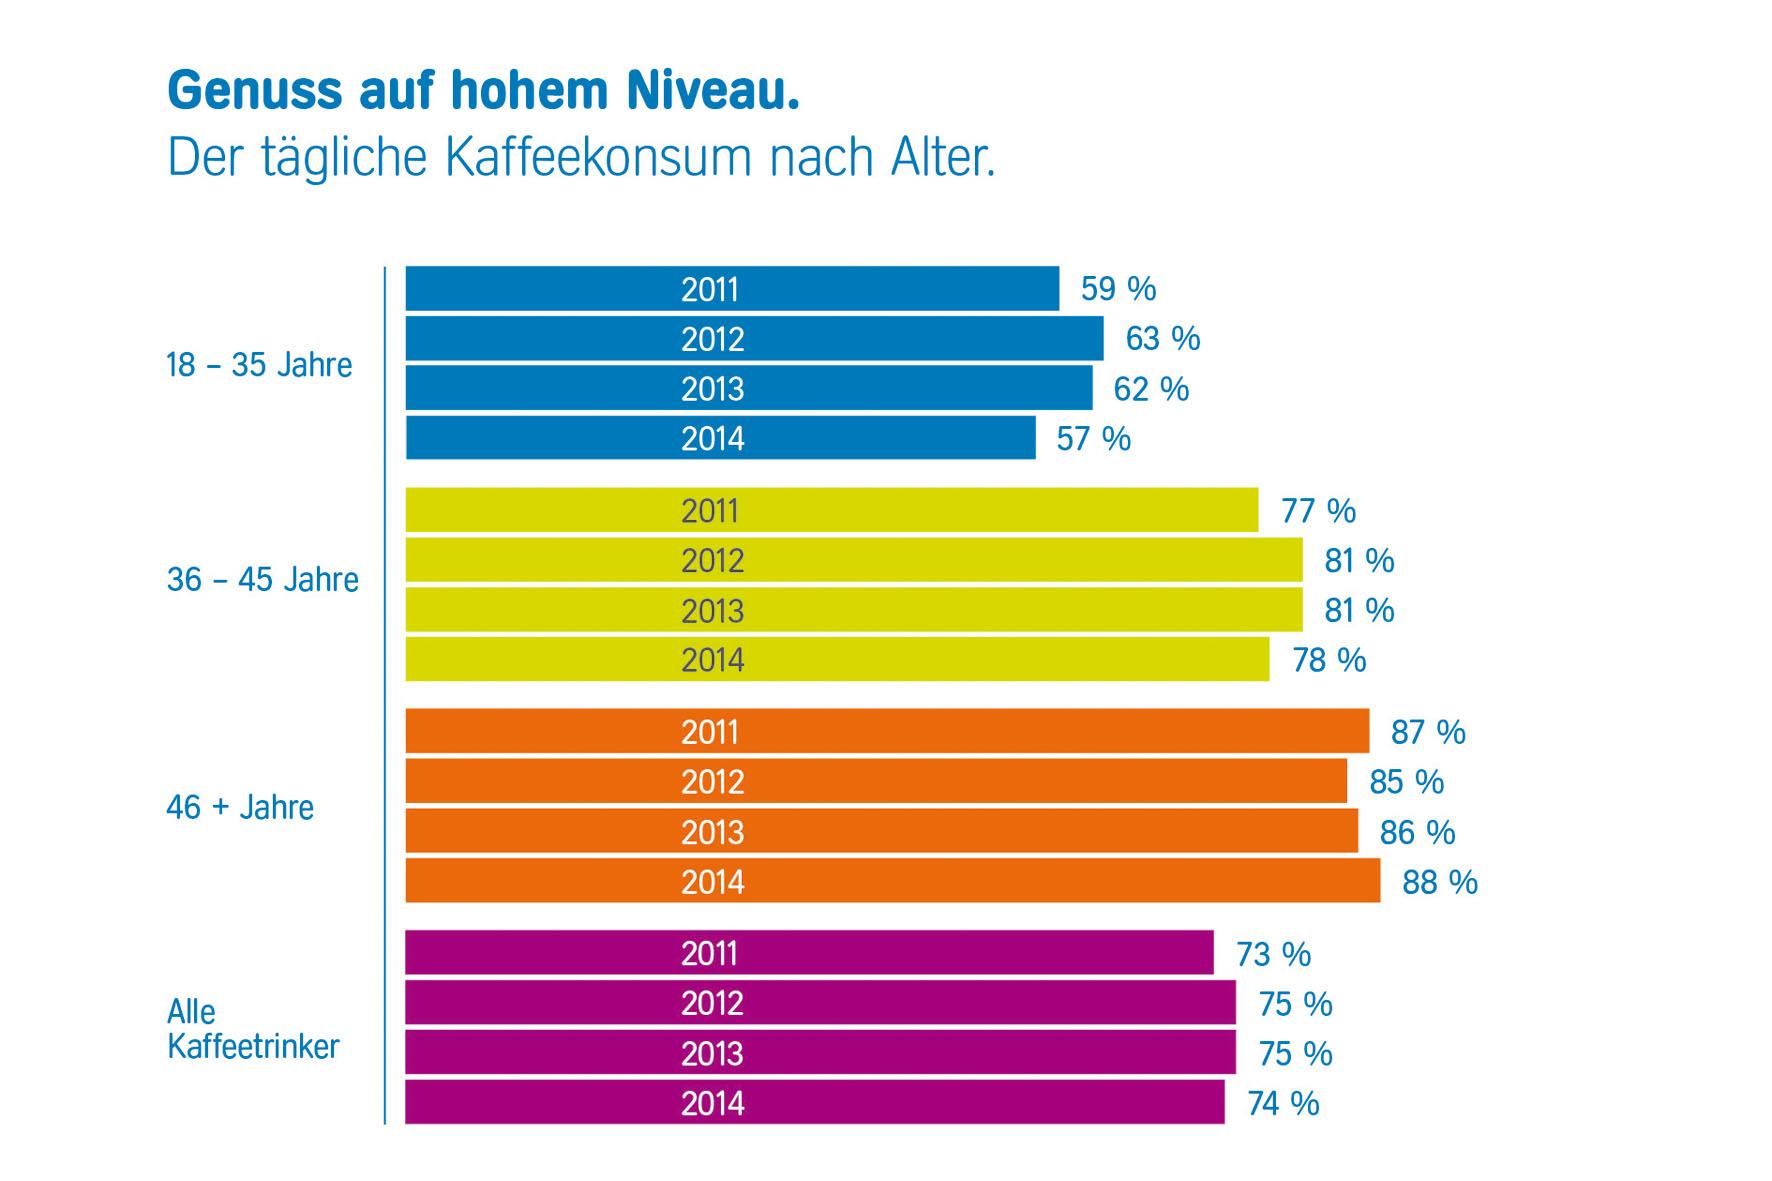 Eine aktuelle Studie hat interessante Daten zum Kaffeekonsum der Deutschen erbracht